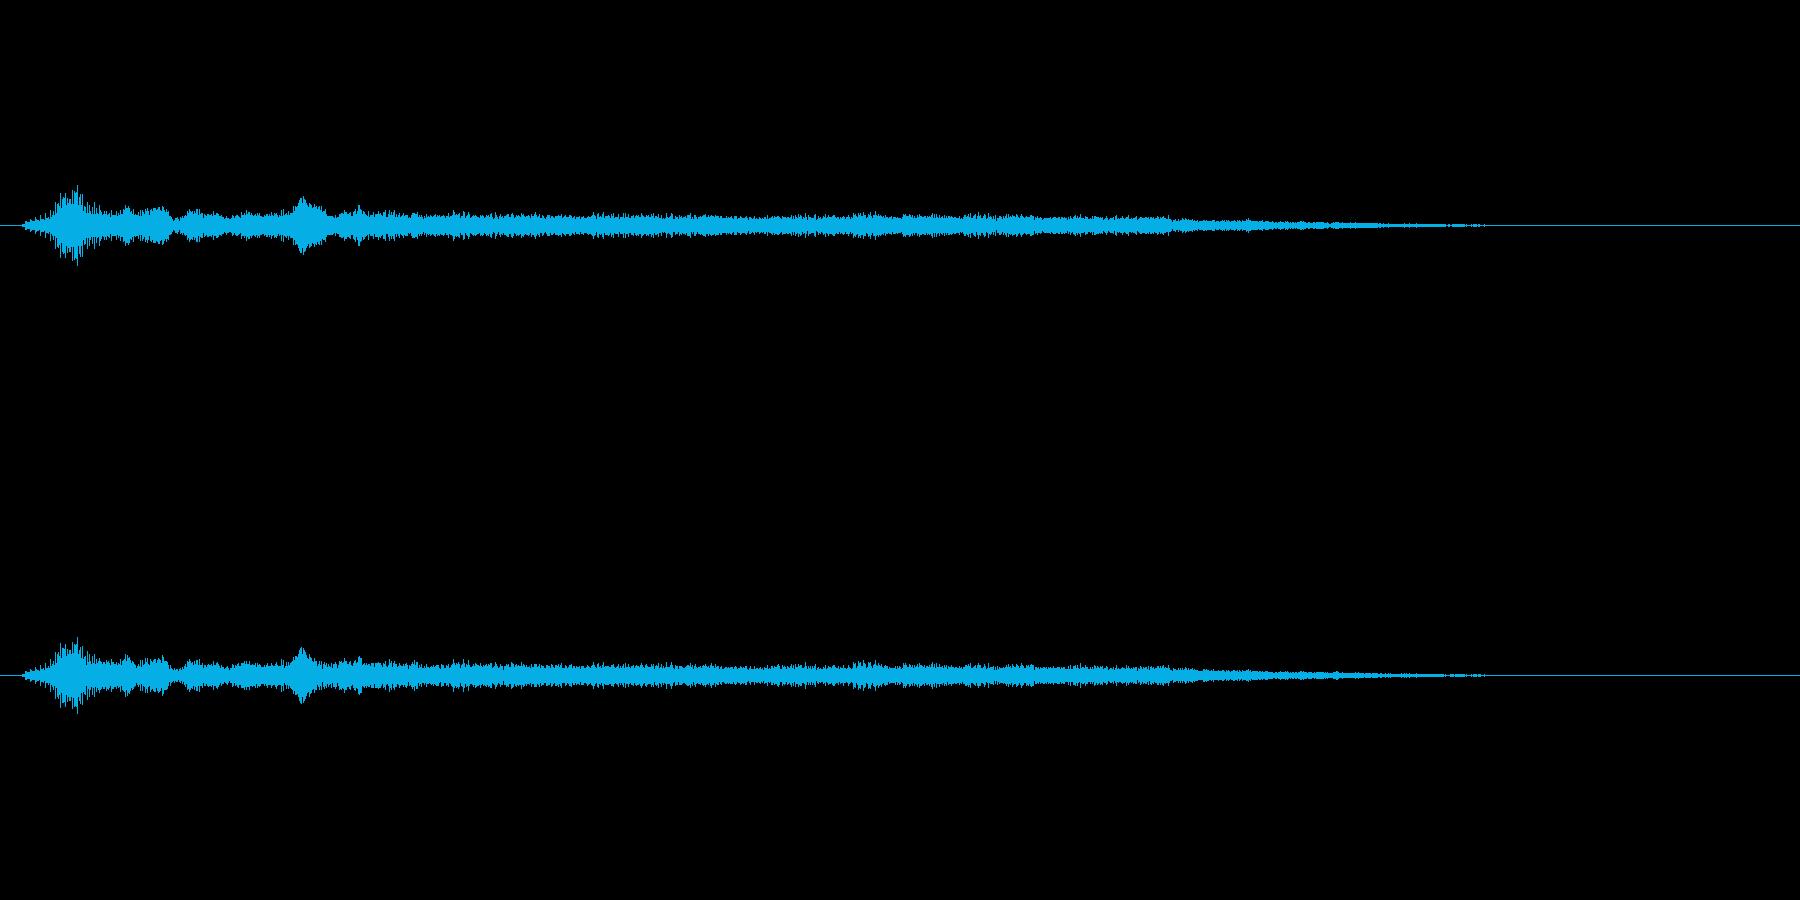 「シューワーン(シンセ音)」の再生済みの波形